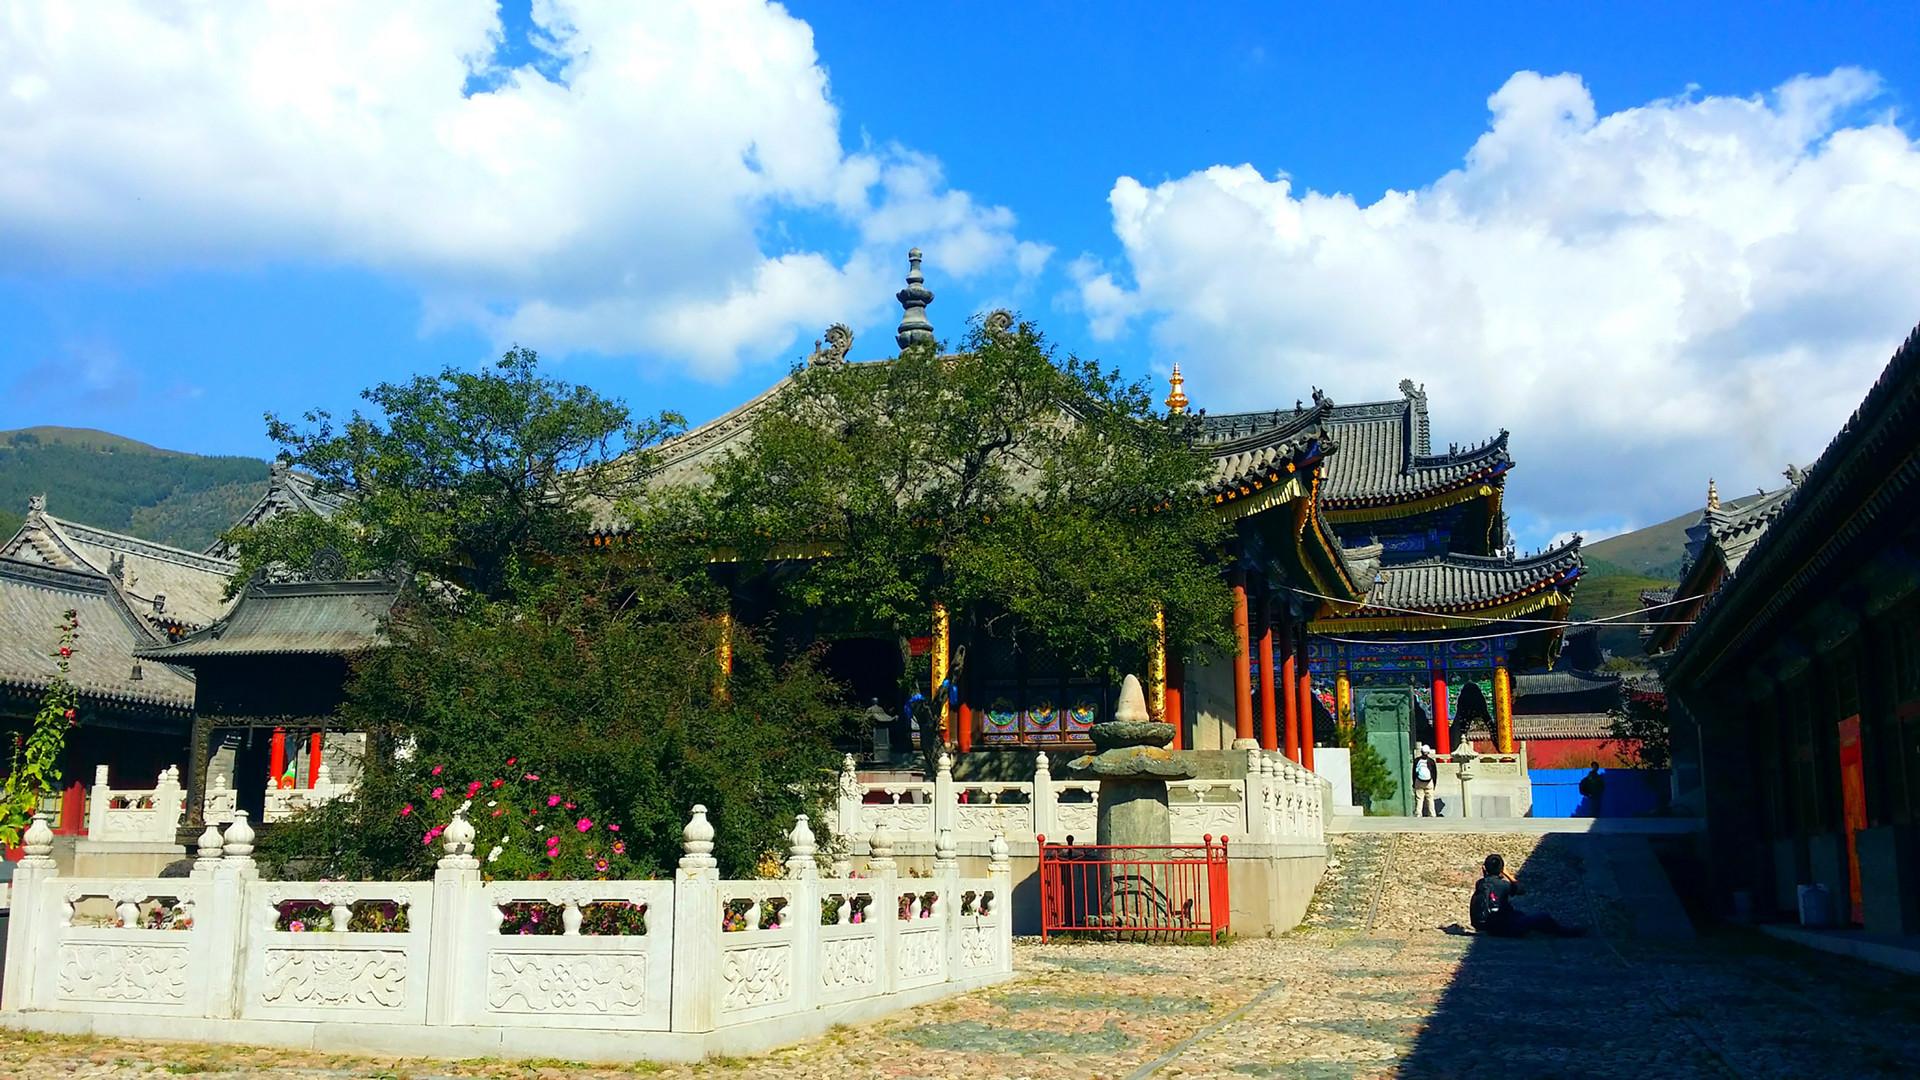 我国最高的佛寺_佛教四大名山之一,被金庸写进武侠小说,多位皇帝前来参拜 ...